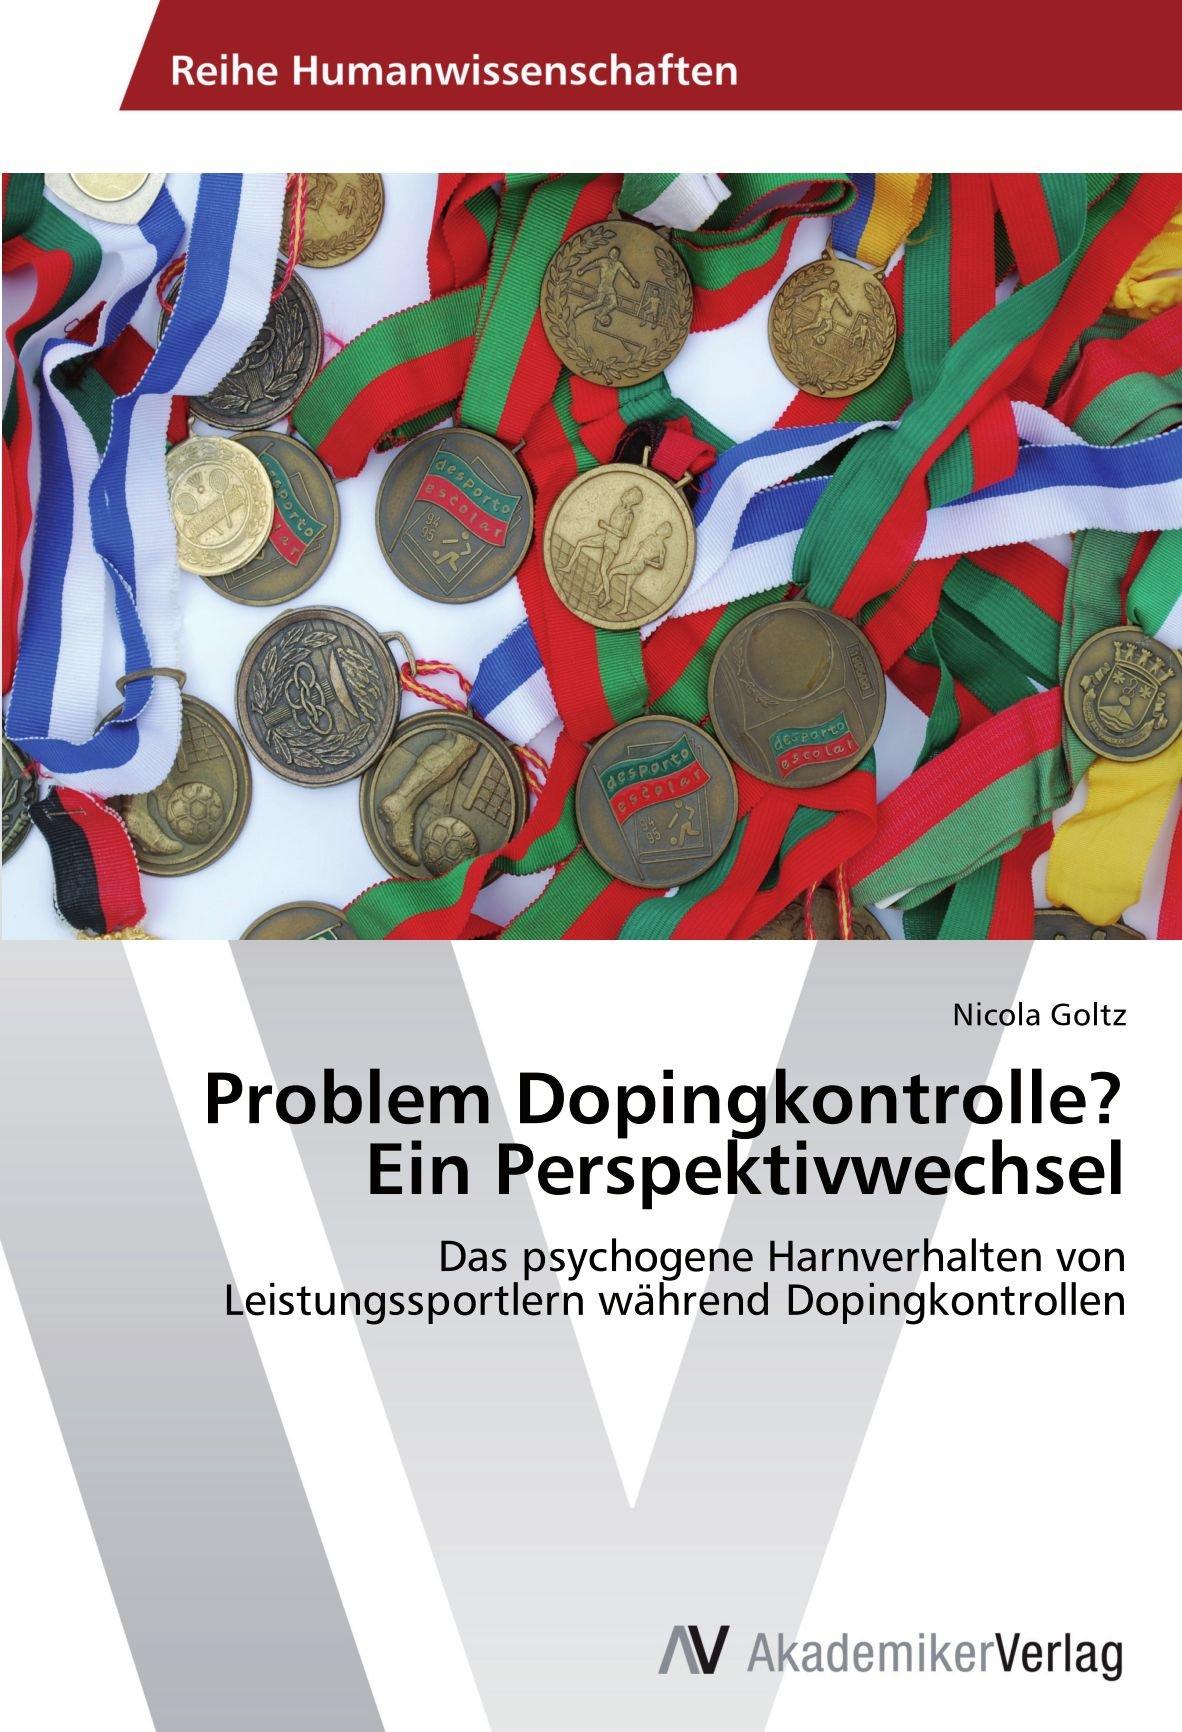 Download Problem Dopingkontrolle? Ein Perspektivwechsel: Das psychogene Harnverhalten von Leistungssportlern während Dopingkontrollen (German Edition) PDF